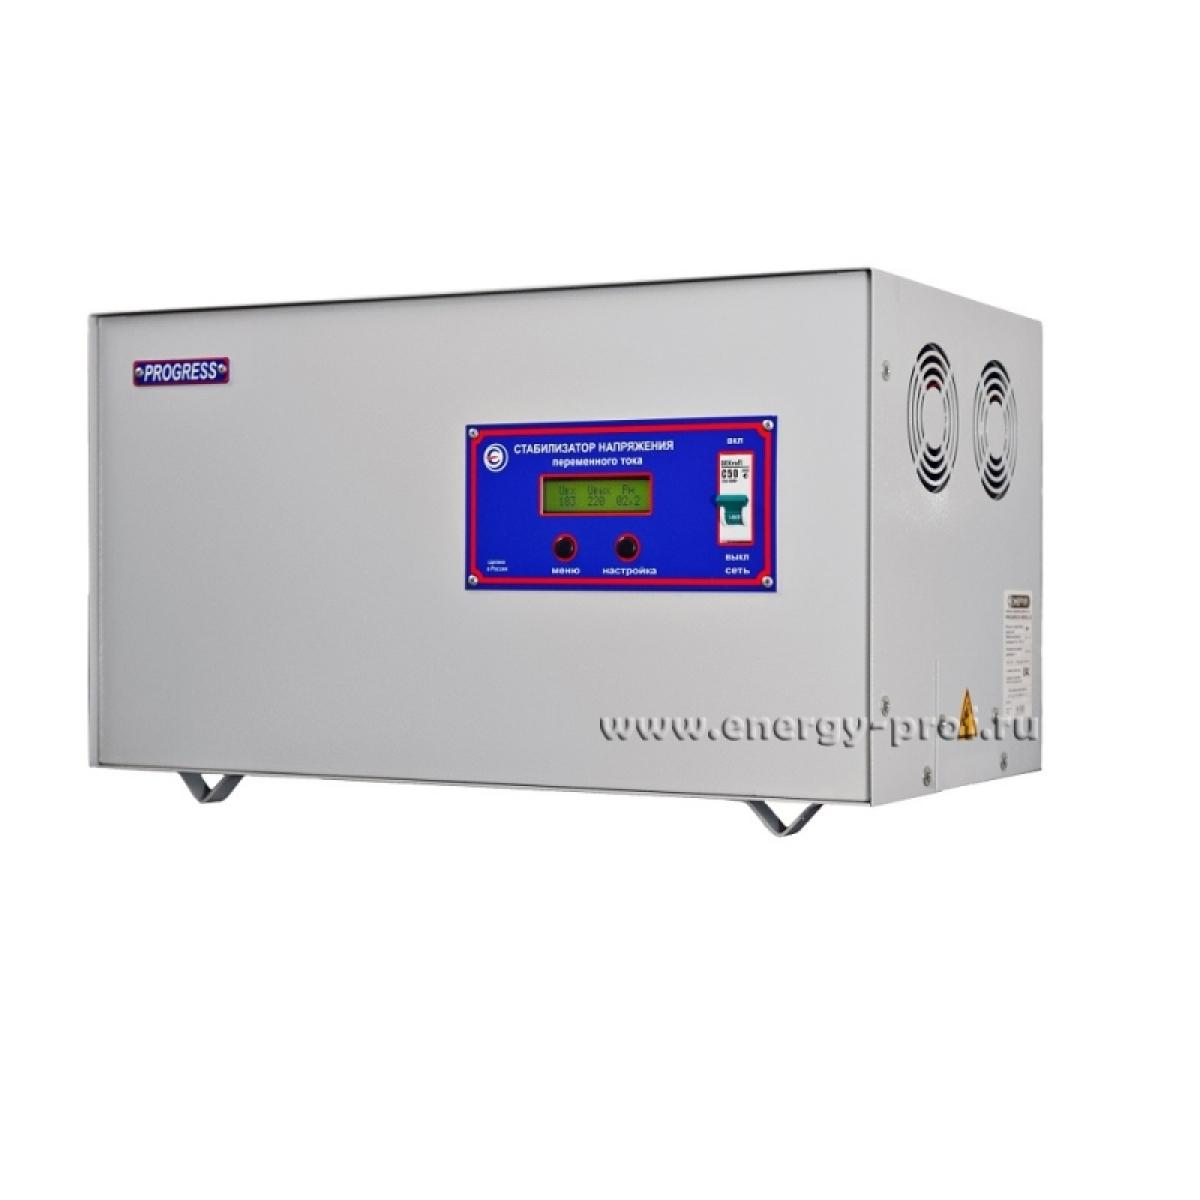 Однофазный стабилизатор PROGRESS 8000T-20